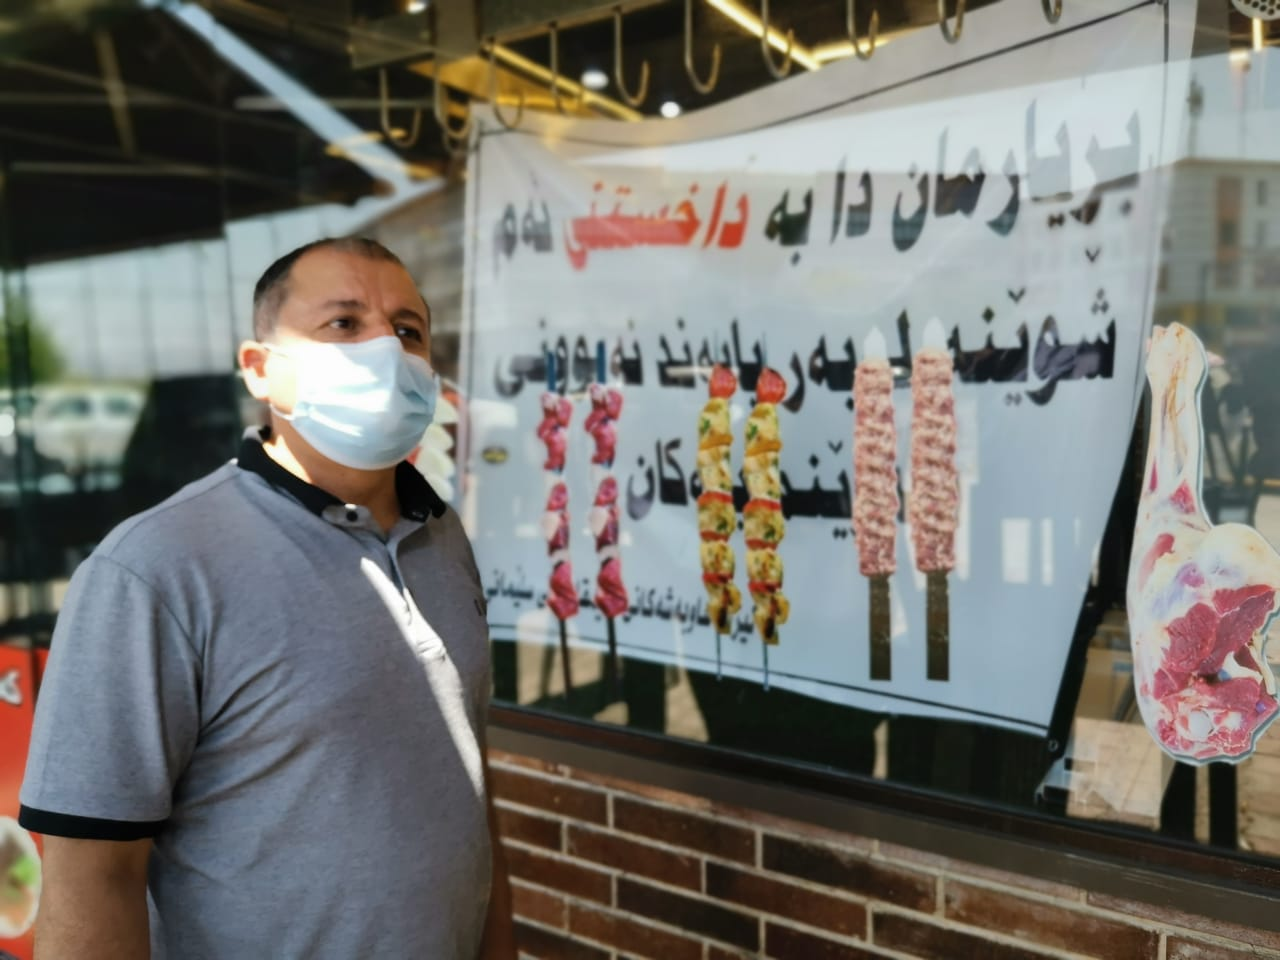 بالصور.. السليمانية تغلق مطاعم غير ملتزمة بالإجراءات الصحية